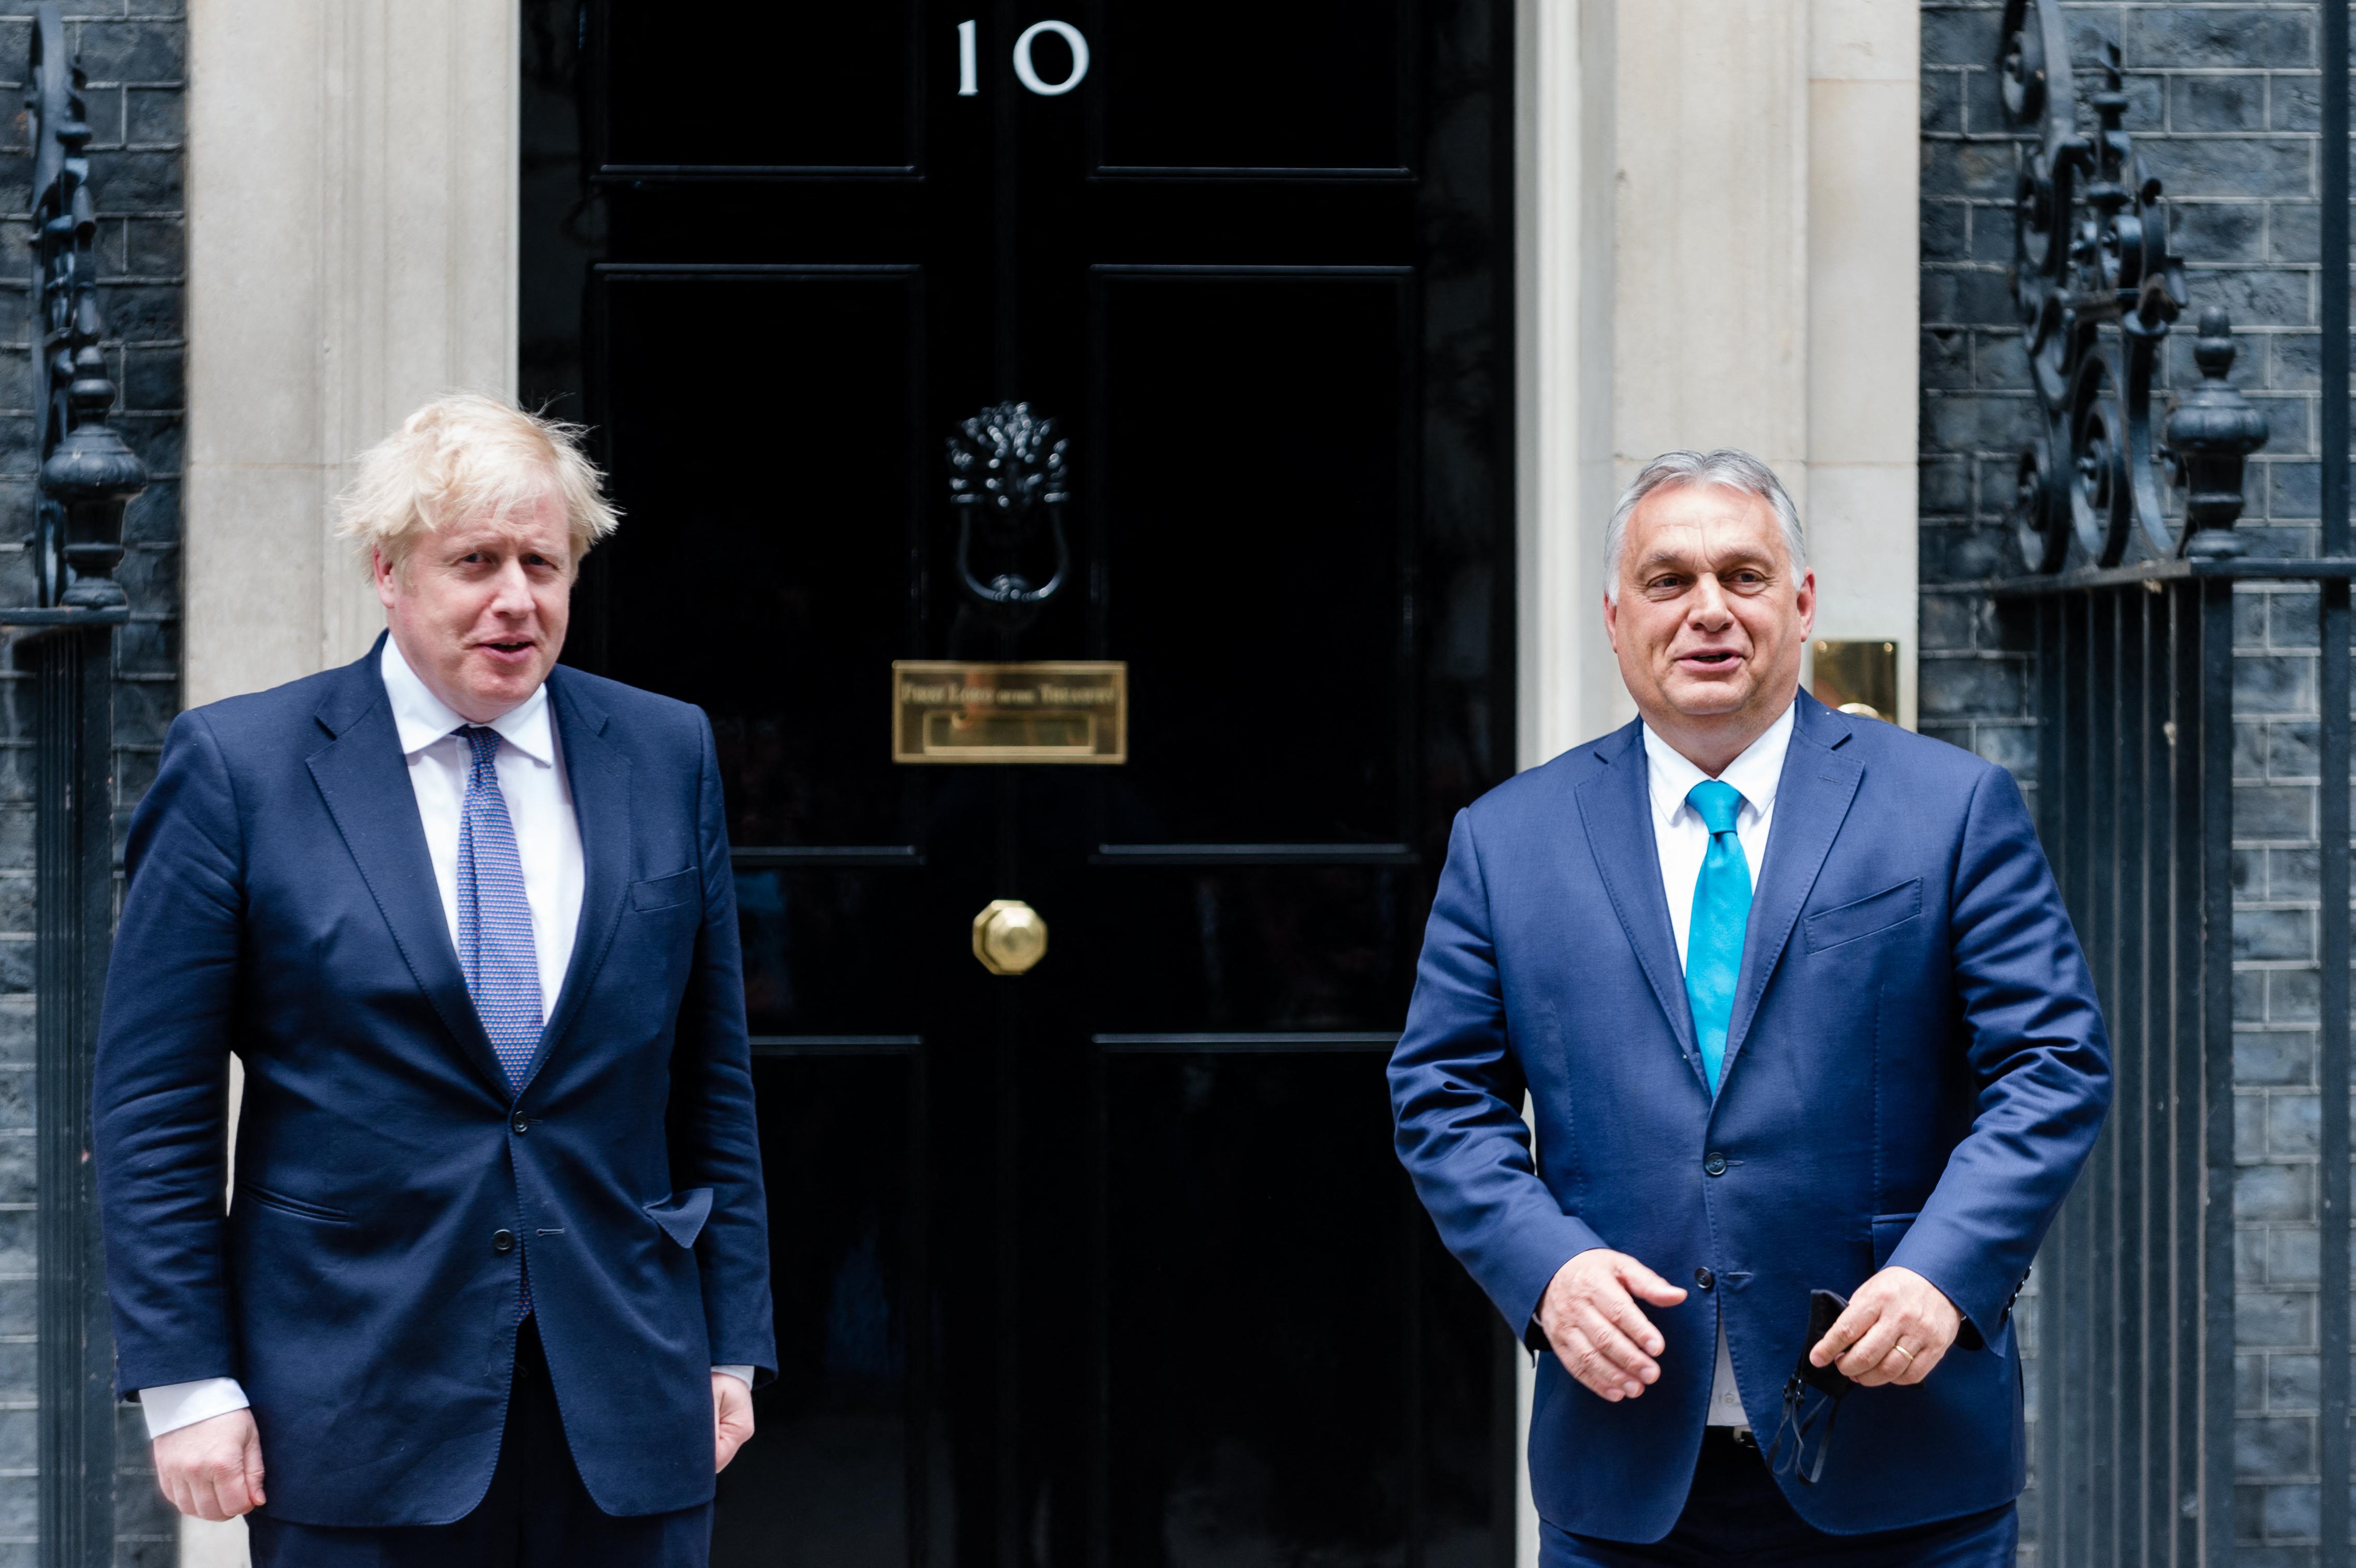 Johnson aggályait fejezte ki Orbánnak a magyar sajtószabadsággal és az LMBTQ-jogokkal kapcsolatban